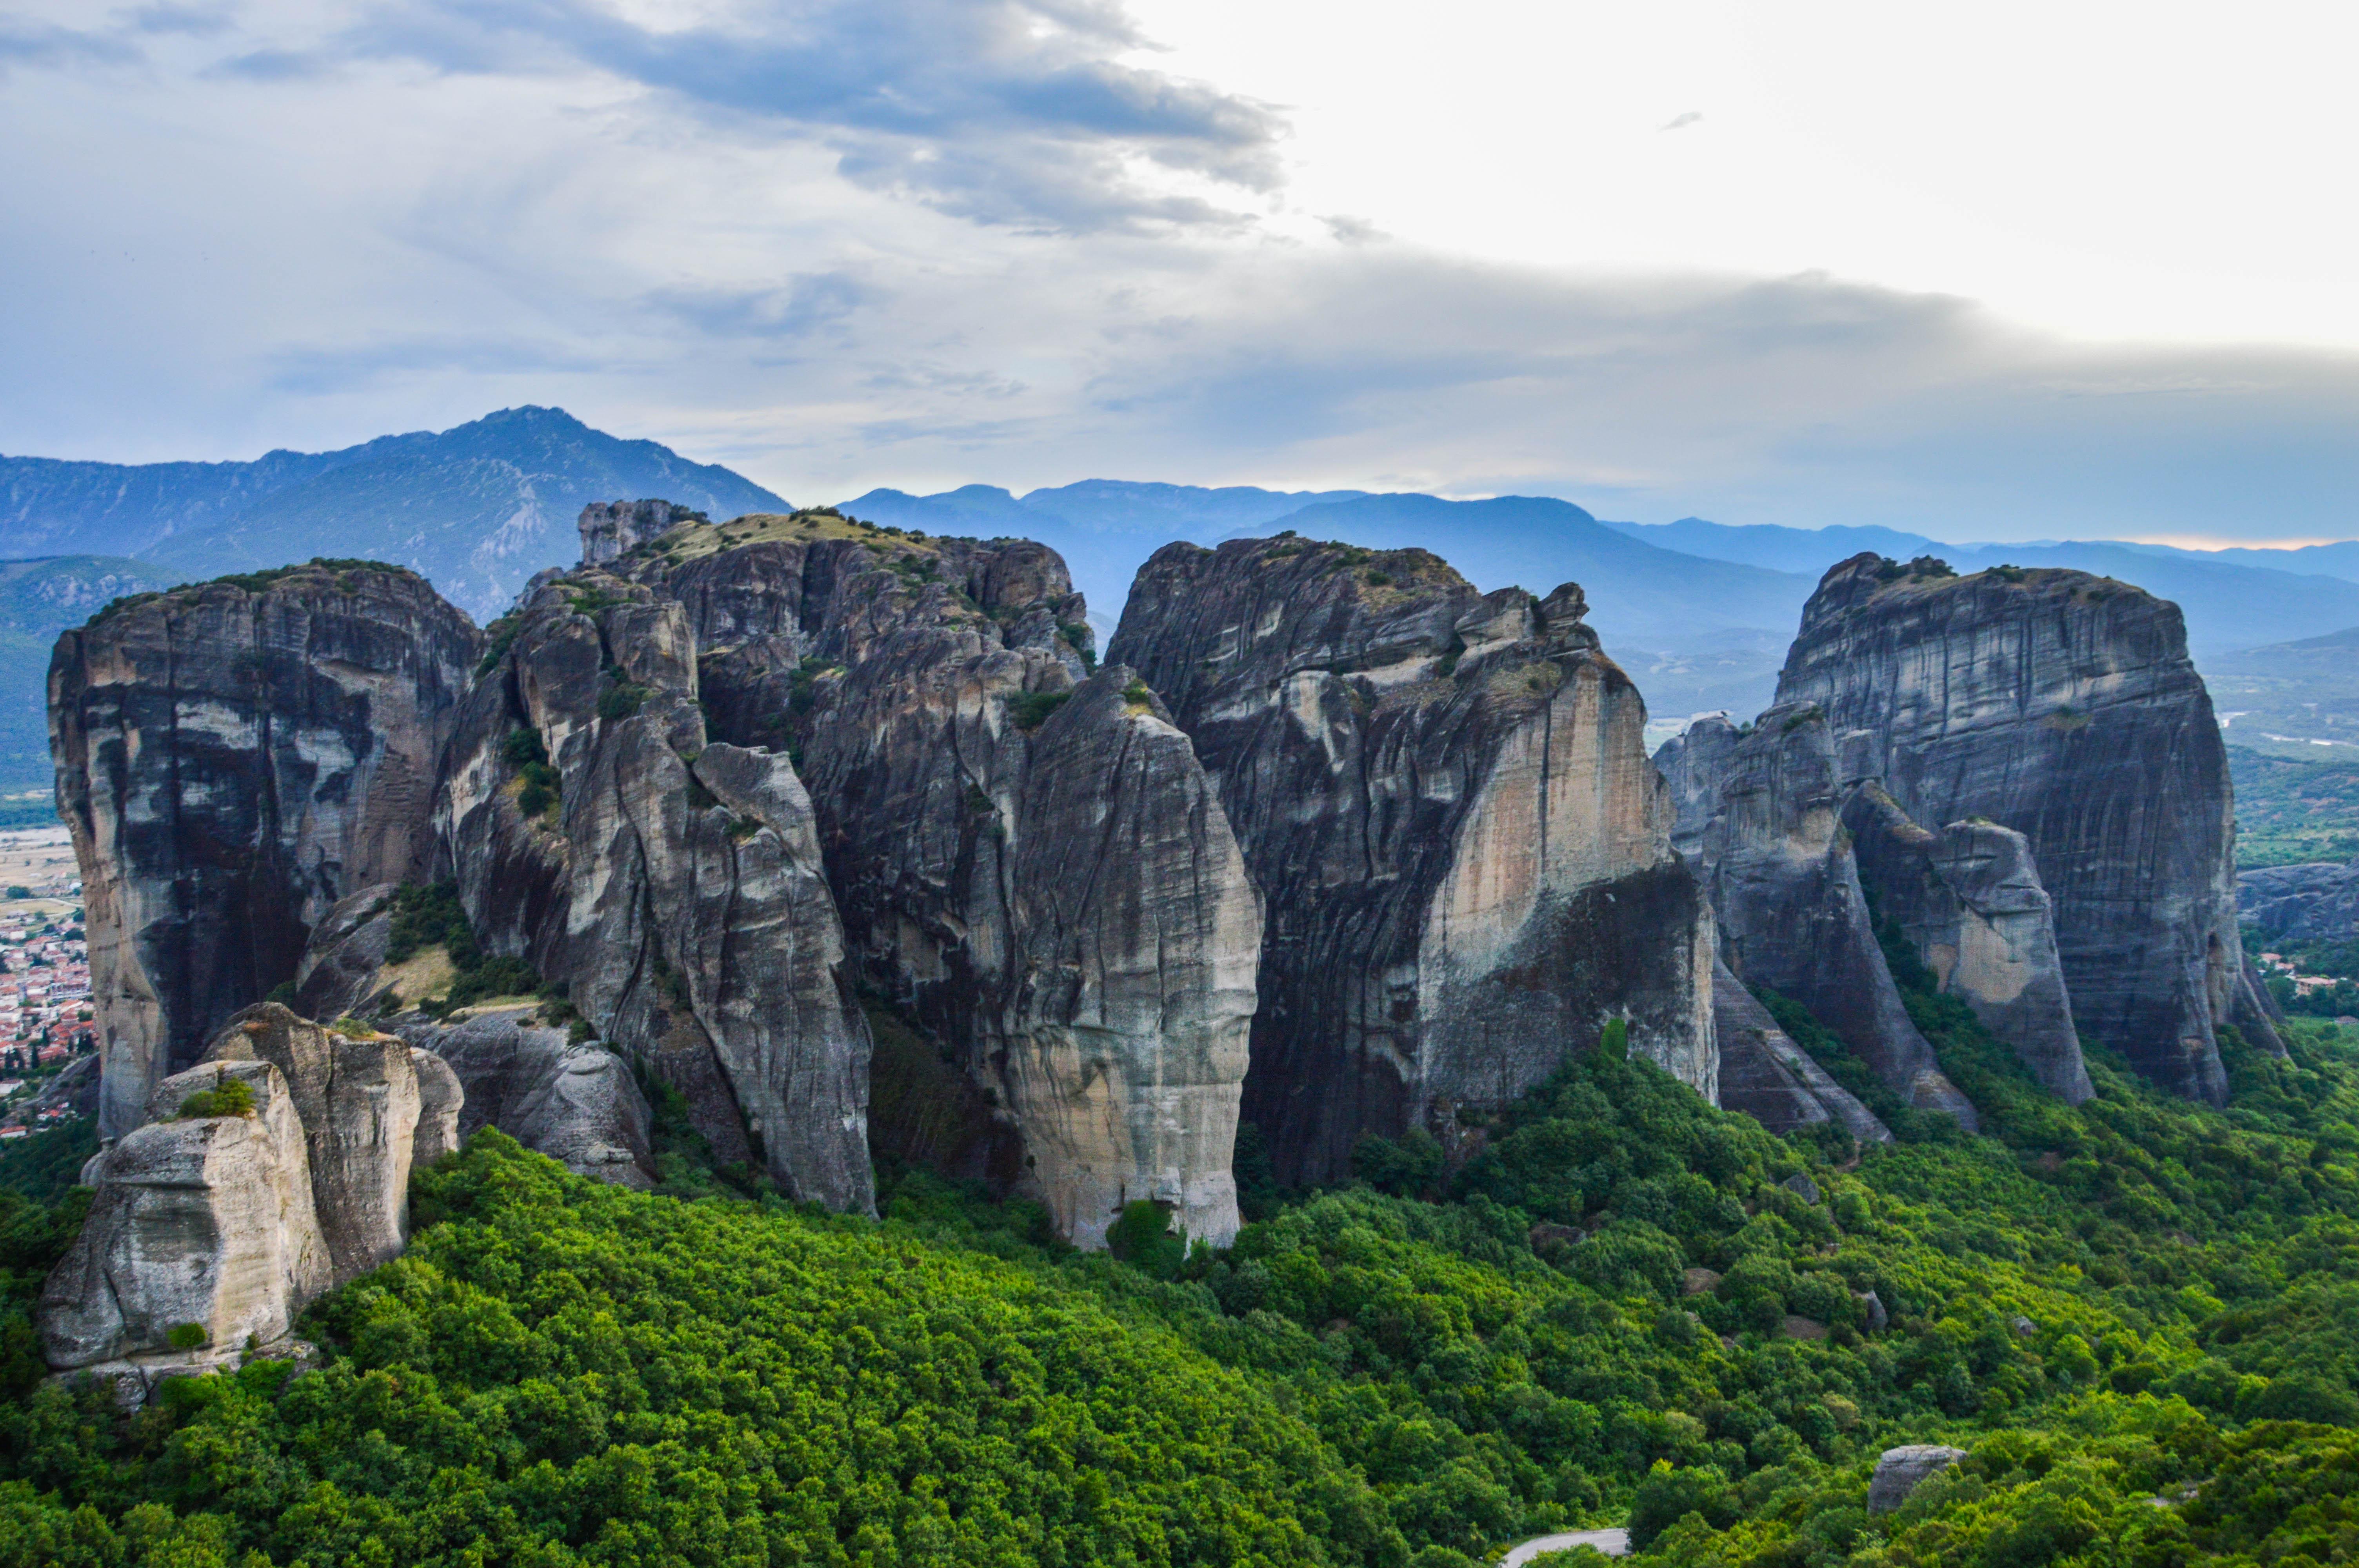 Grecia Andiamo A Guida Visitare Le Meteore Per Perderci In IYe2EbD9WH